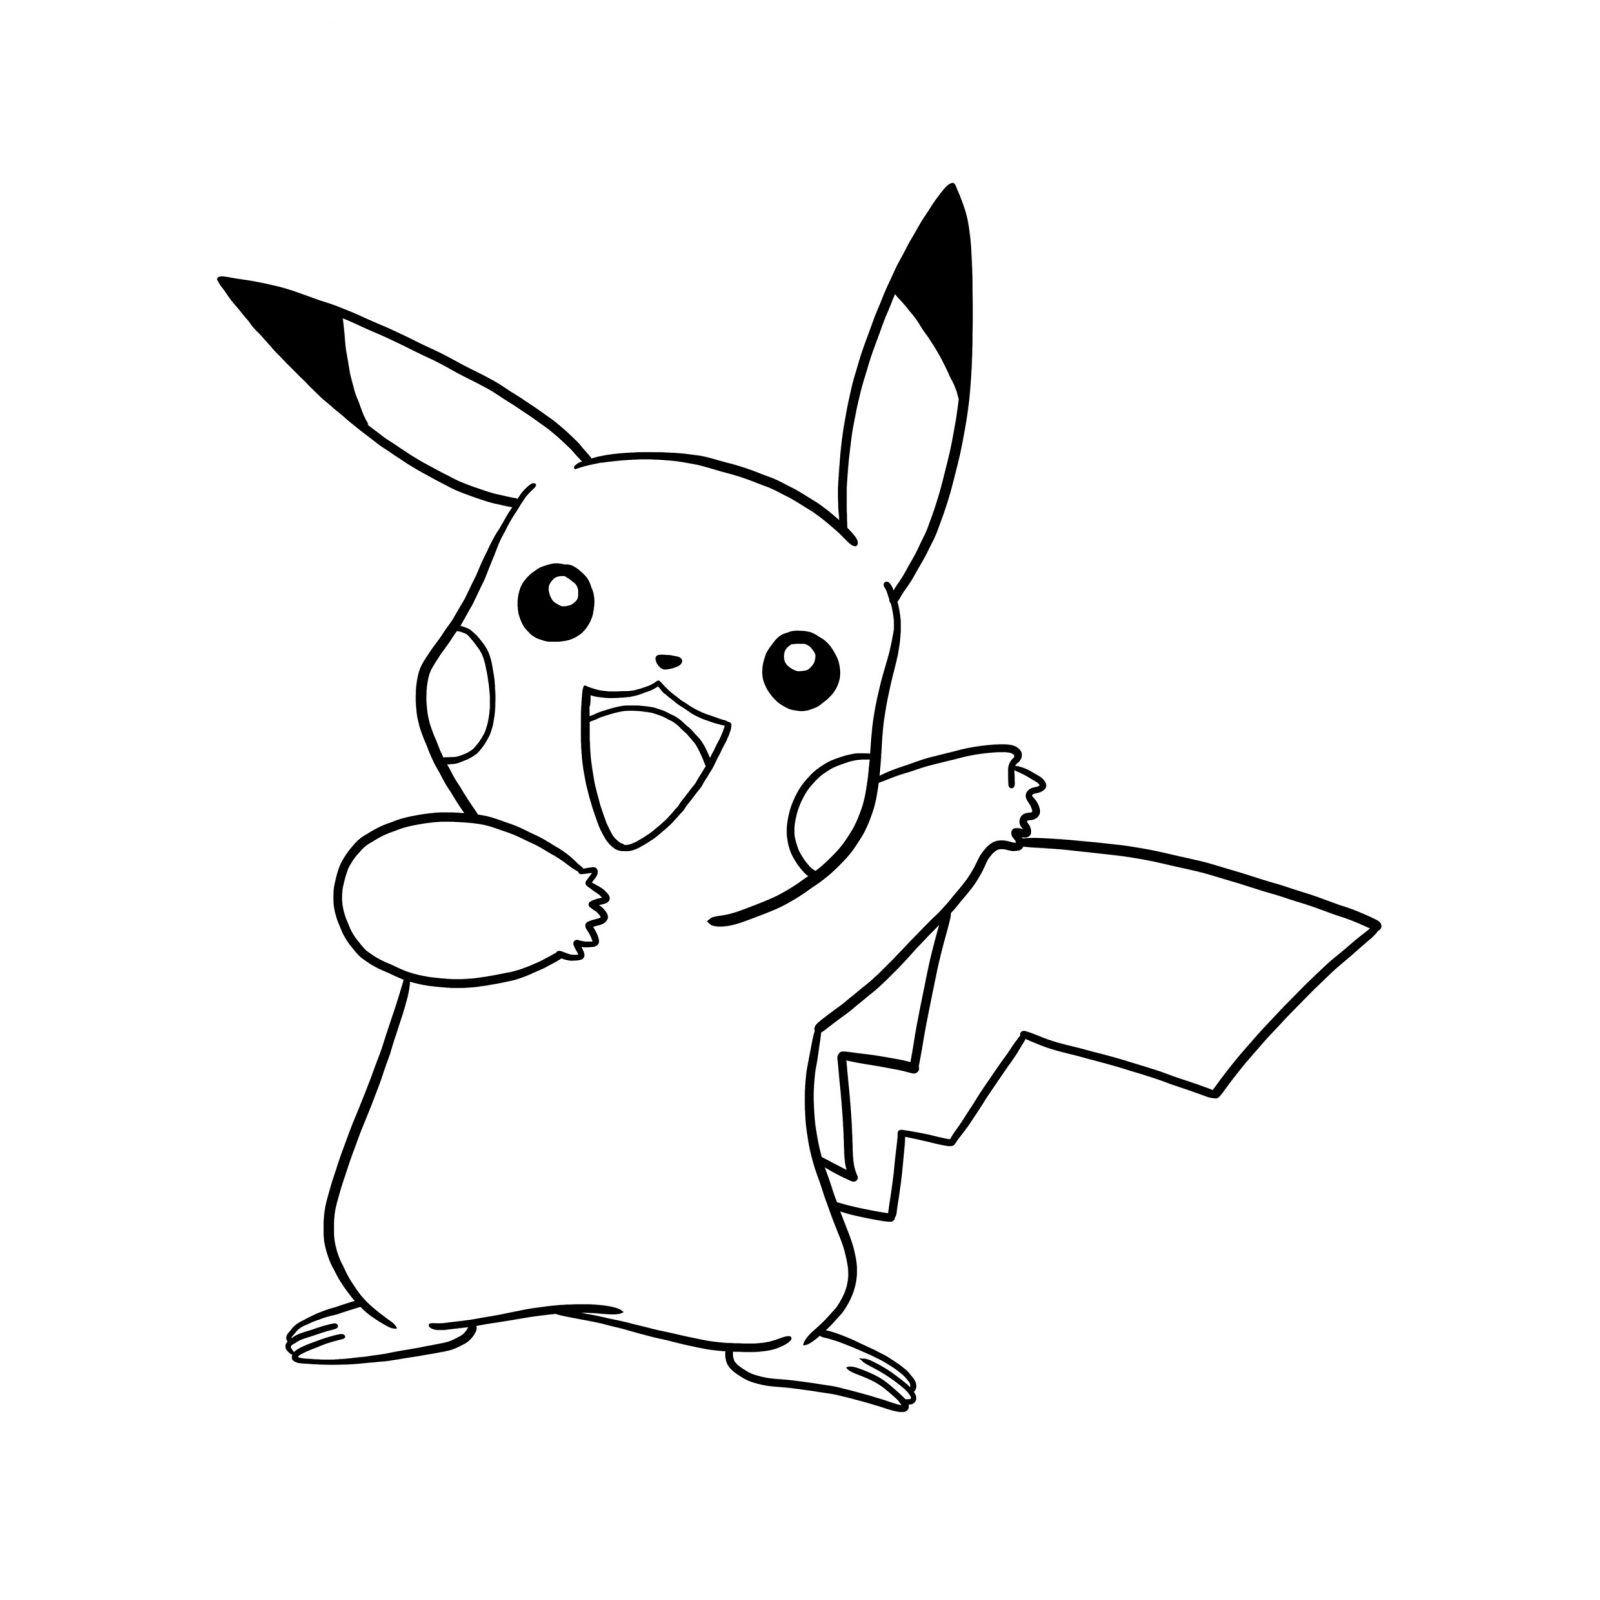 Dibujos Pikachu para dibujar, imprimir, colorear y recortar ...